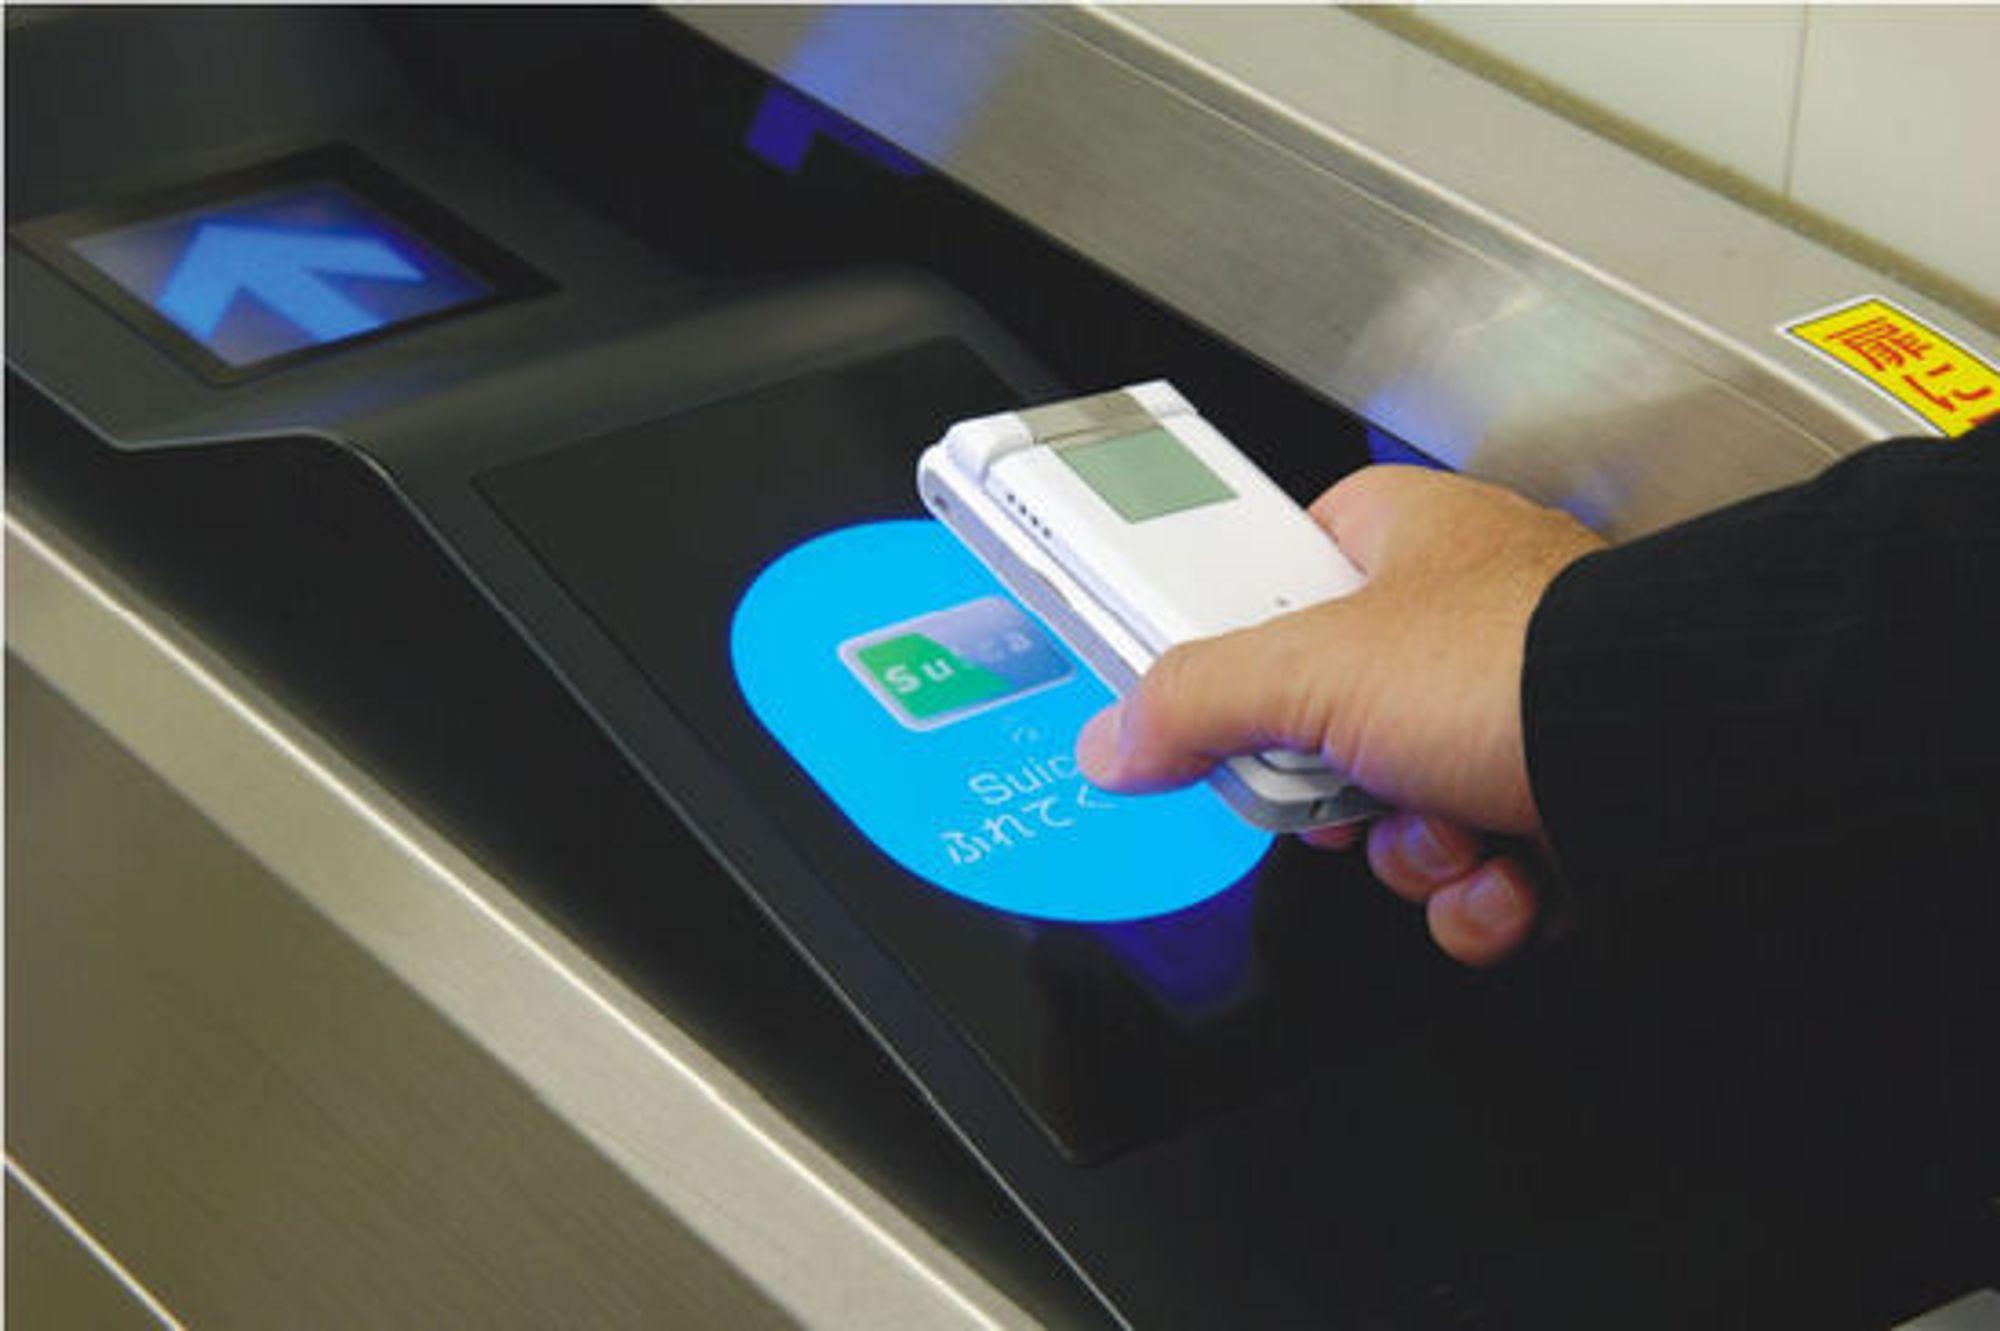 NFC-baserte transaksjoner skjer per i dag ikke raskt nok for London Underground.